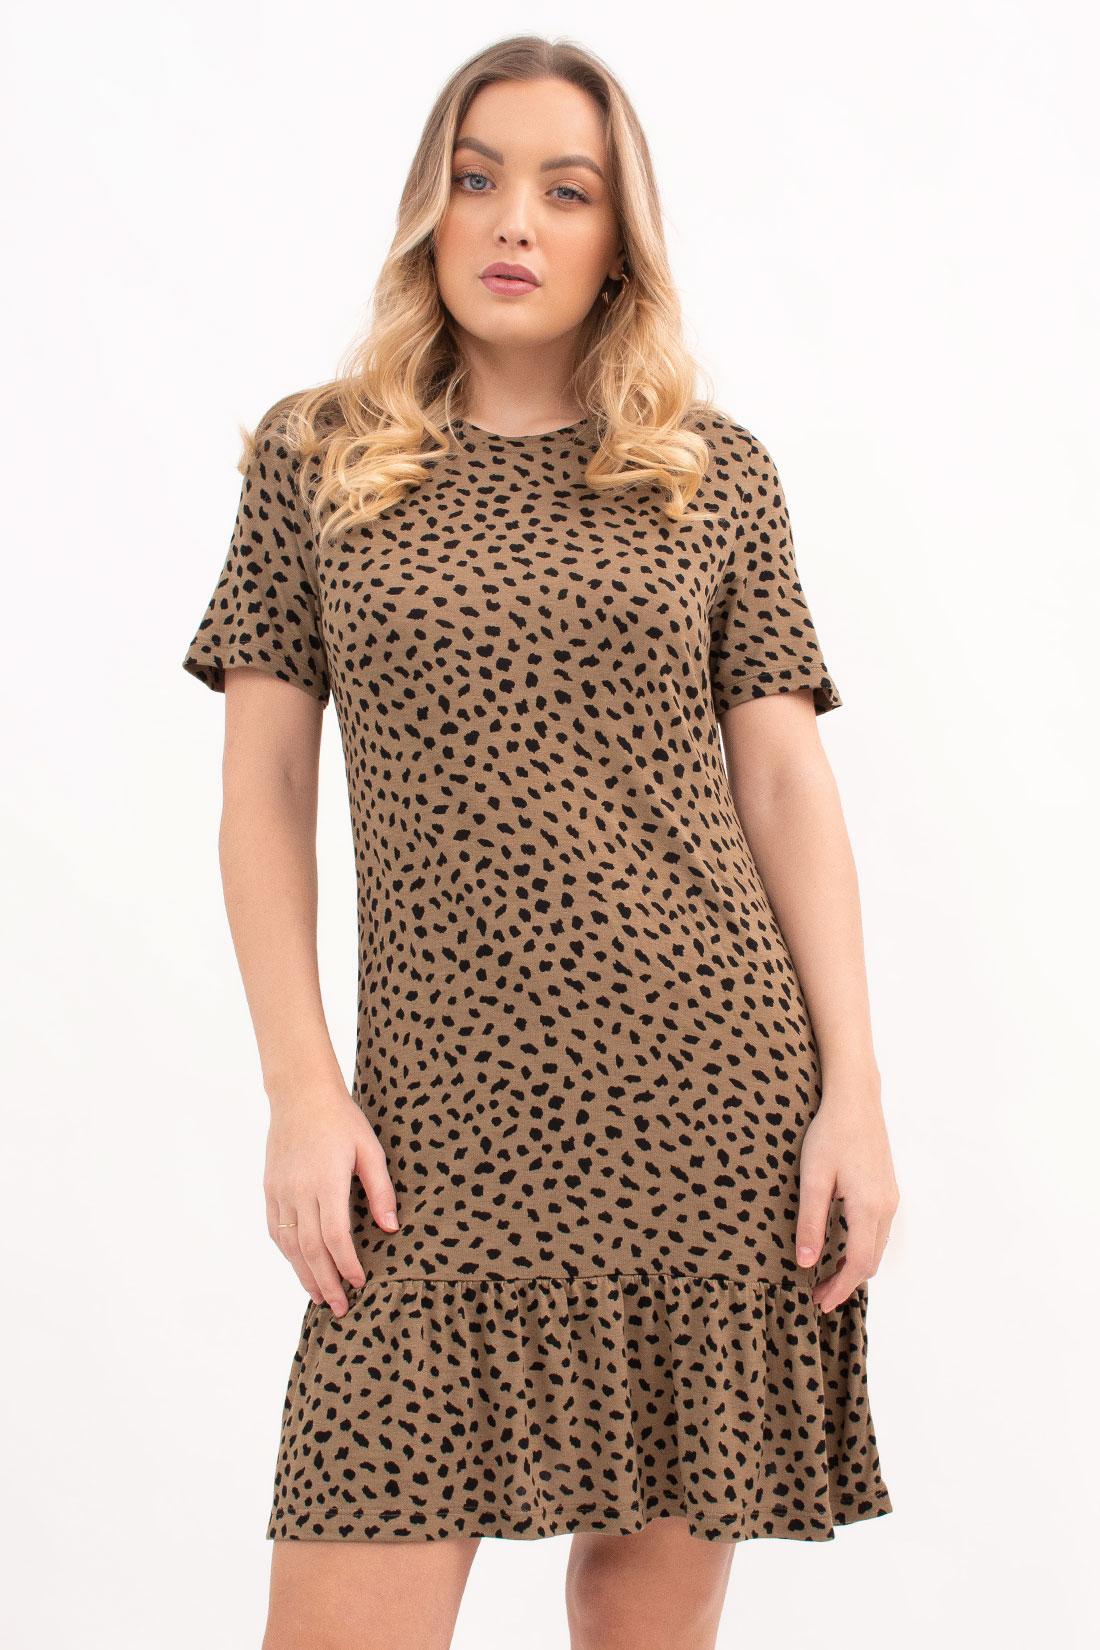 Vestido Hering Animal Print